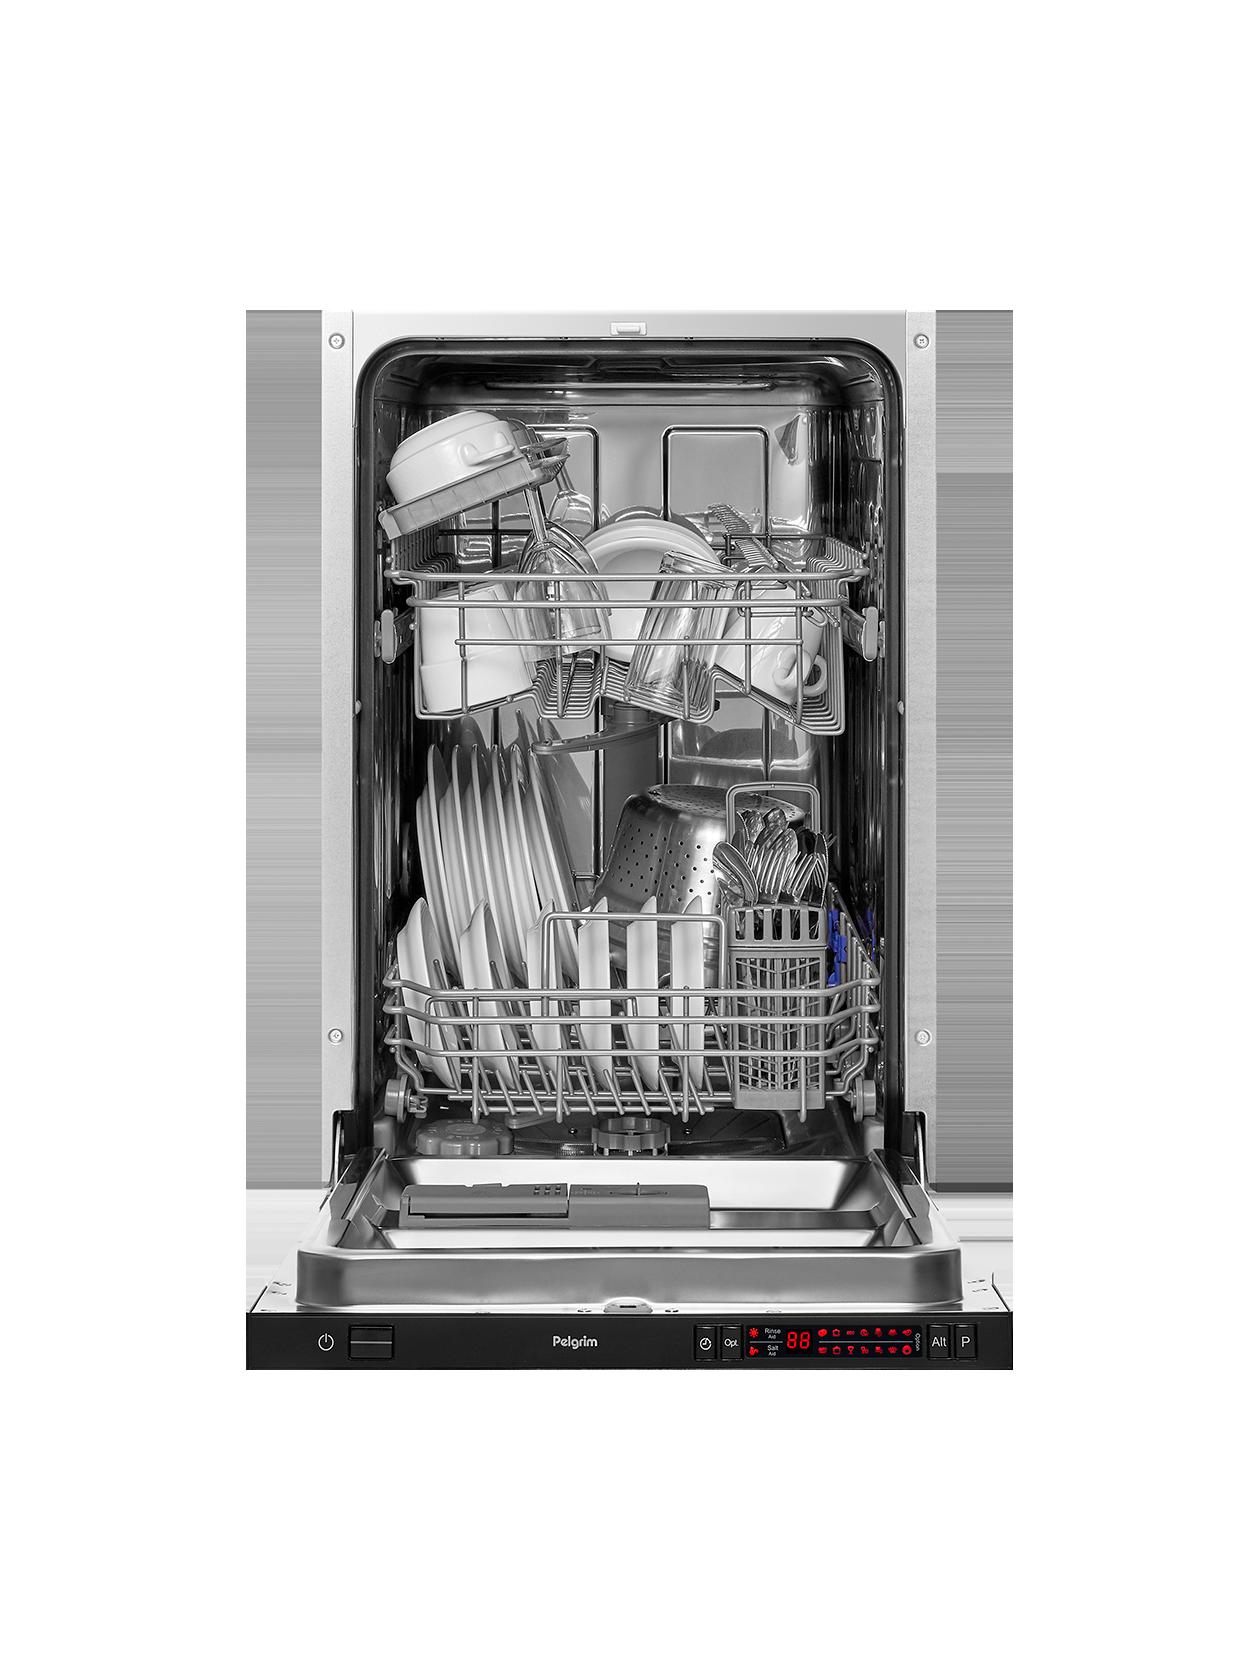 Lave-vaisselle avec porte à glissières, 82 cm de haut, tiroir à couverts supplémentaire